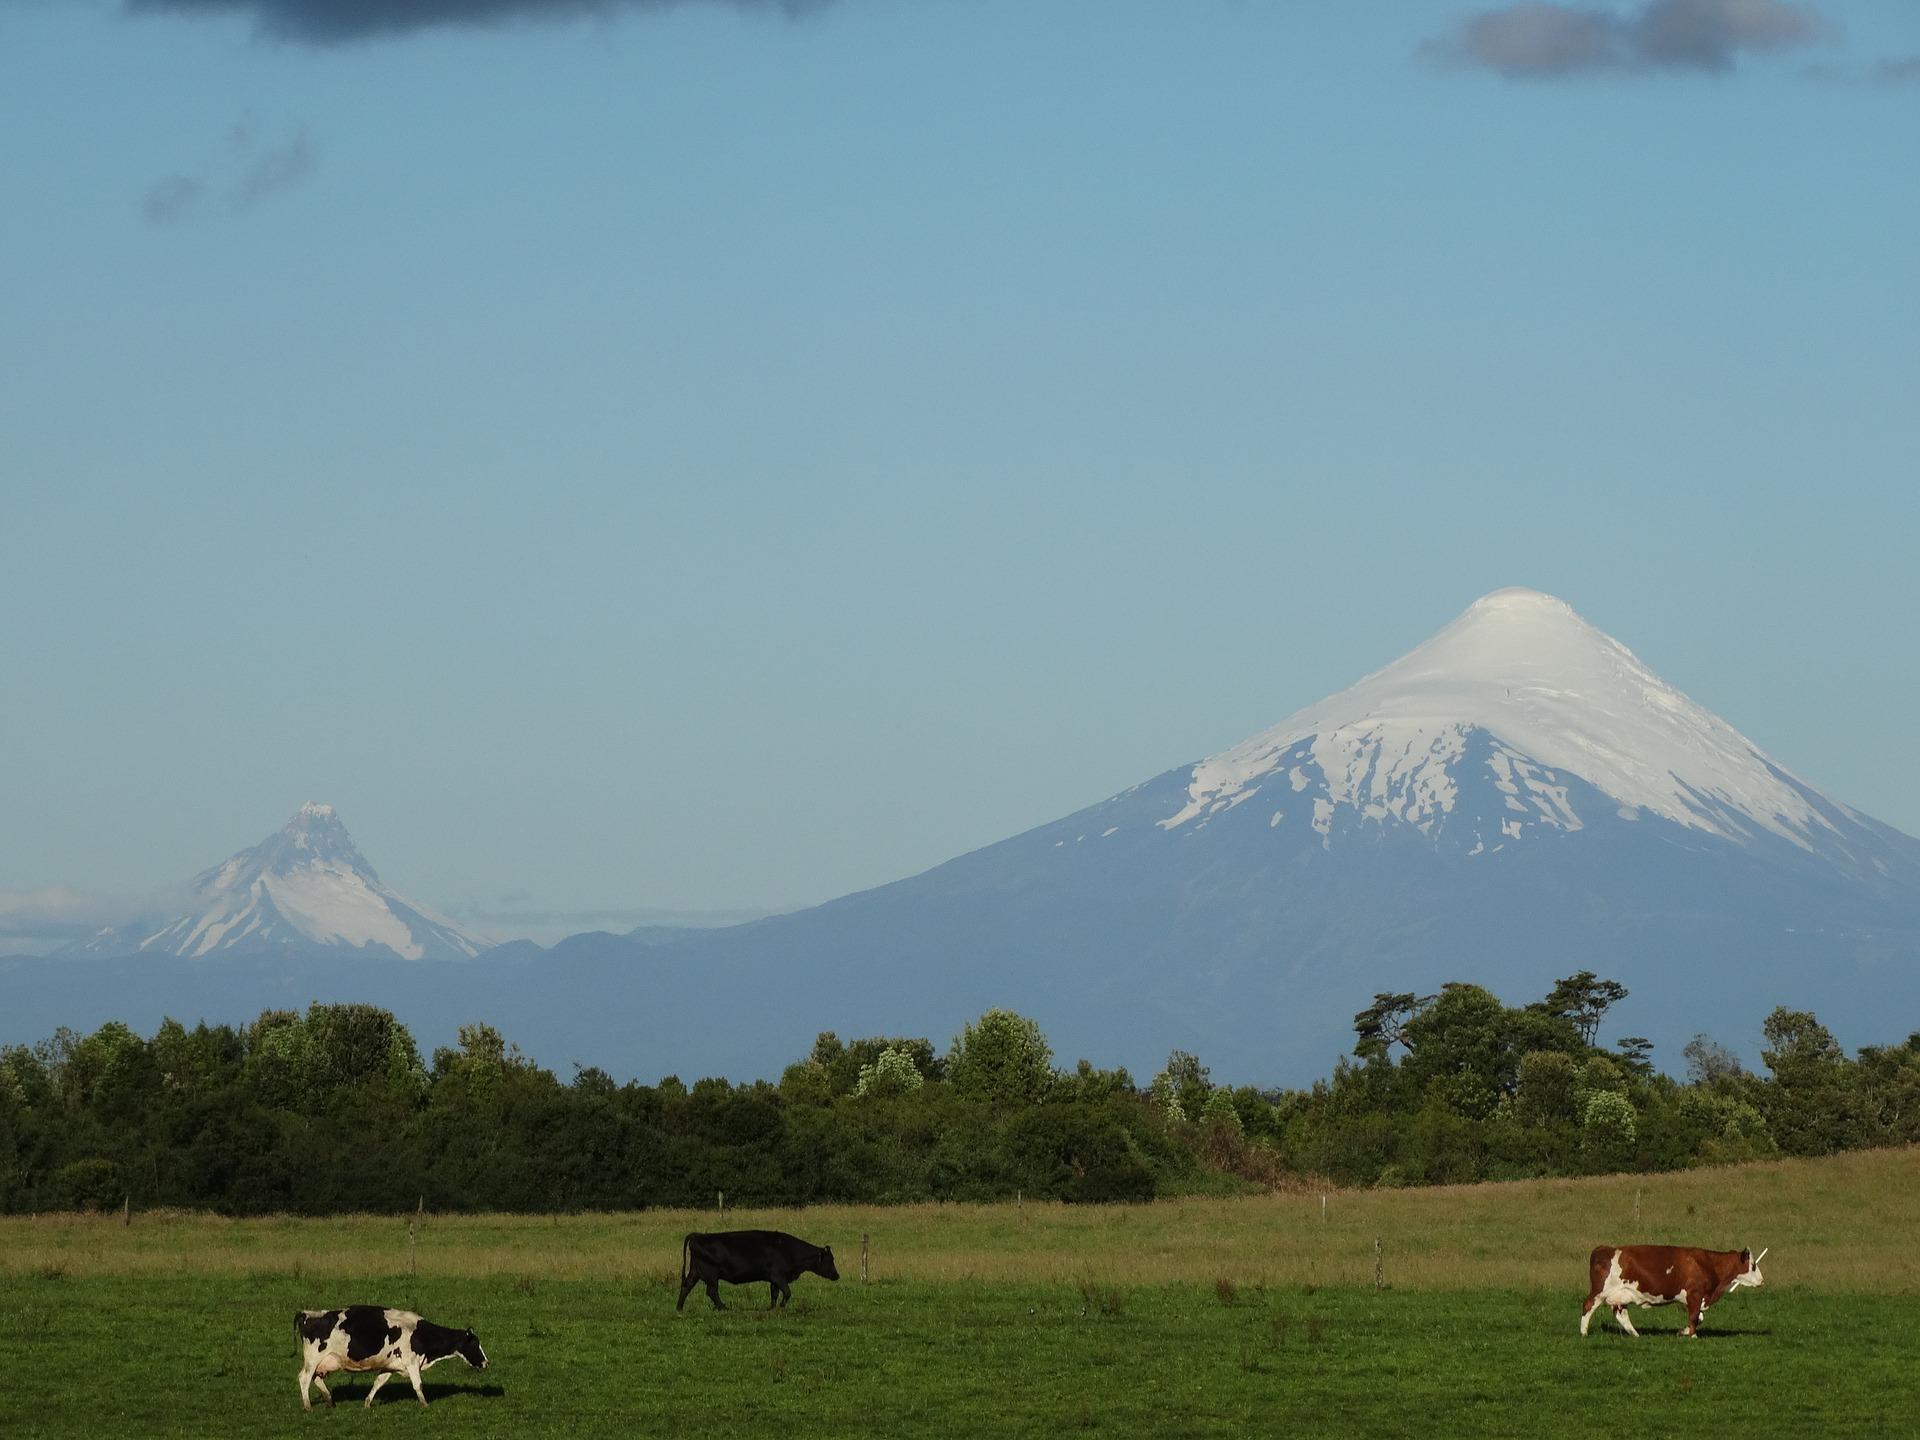 osorno-volcano-1772438_1920